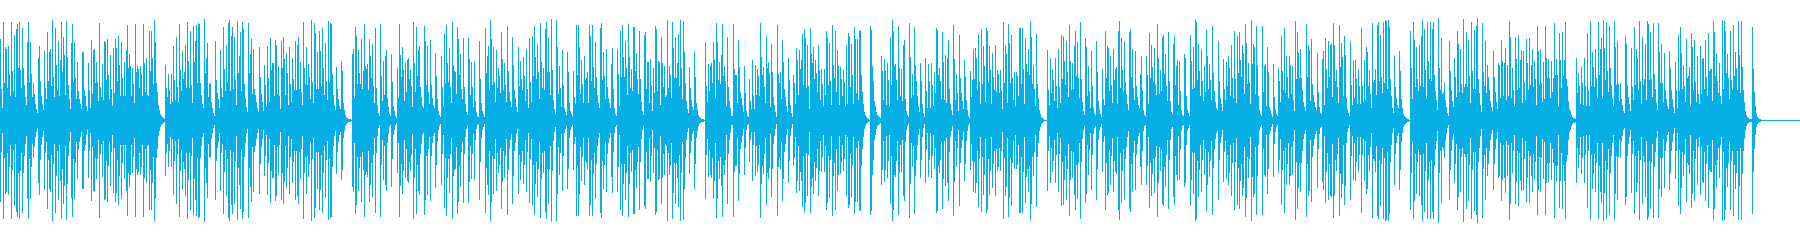 解説や作業動画に合う可愛い木琴の再生済みの波形